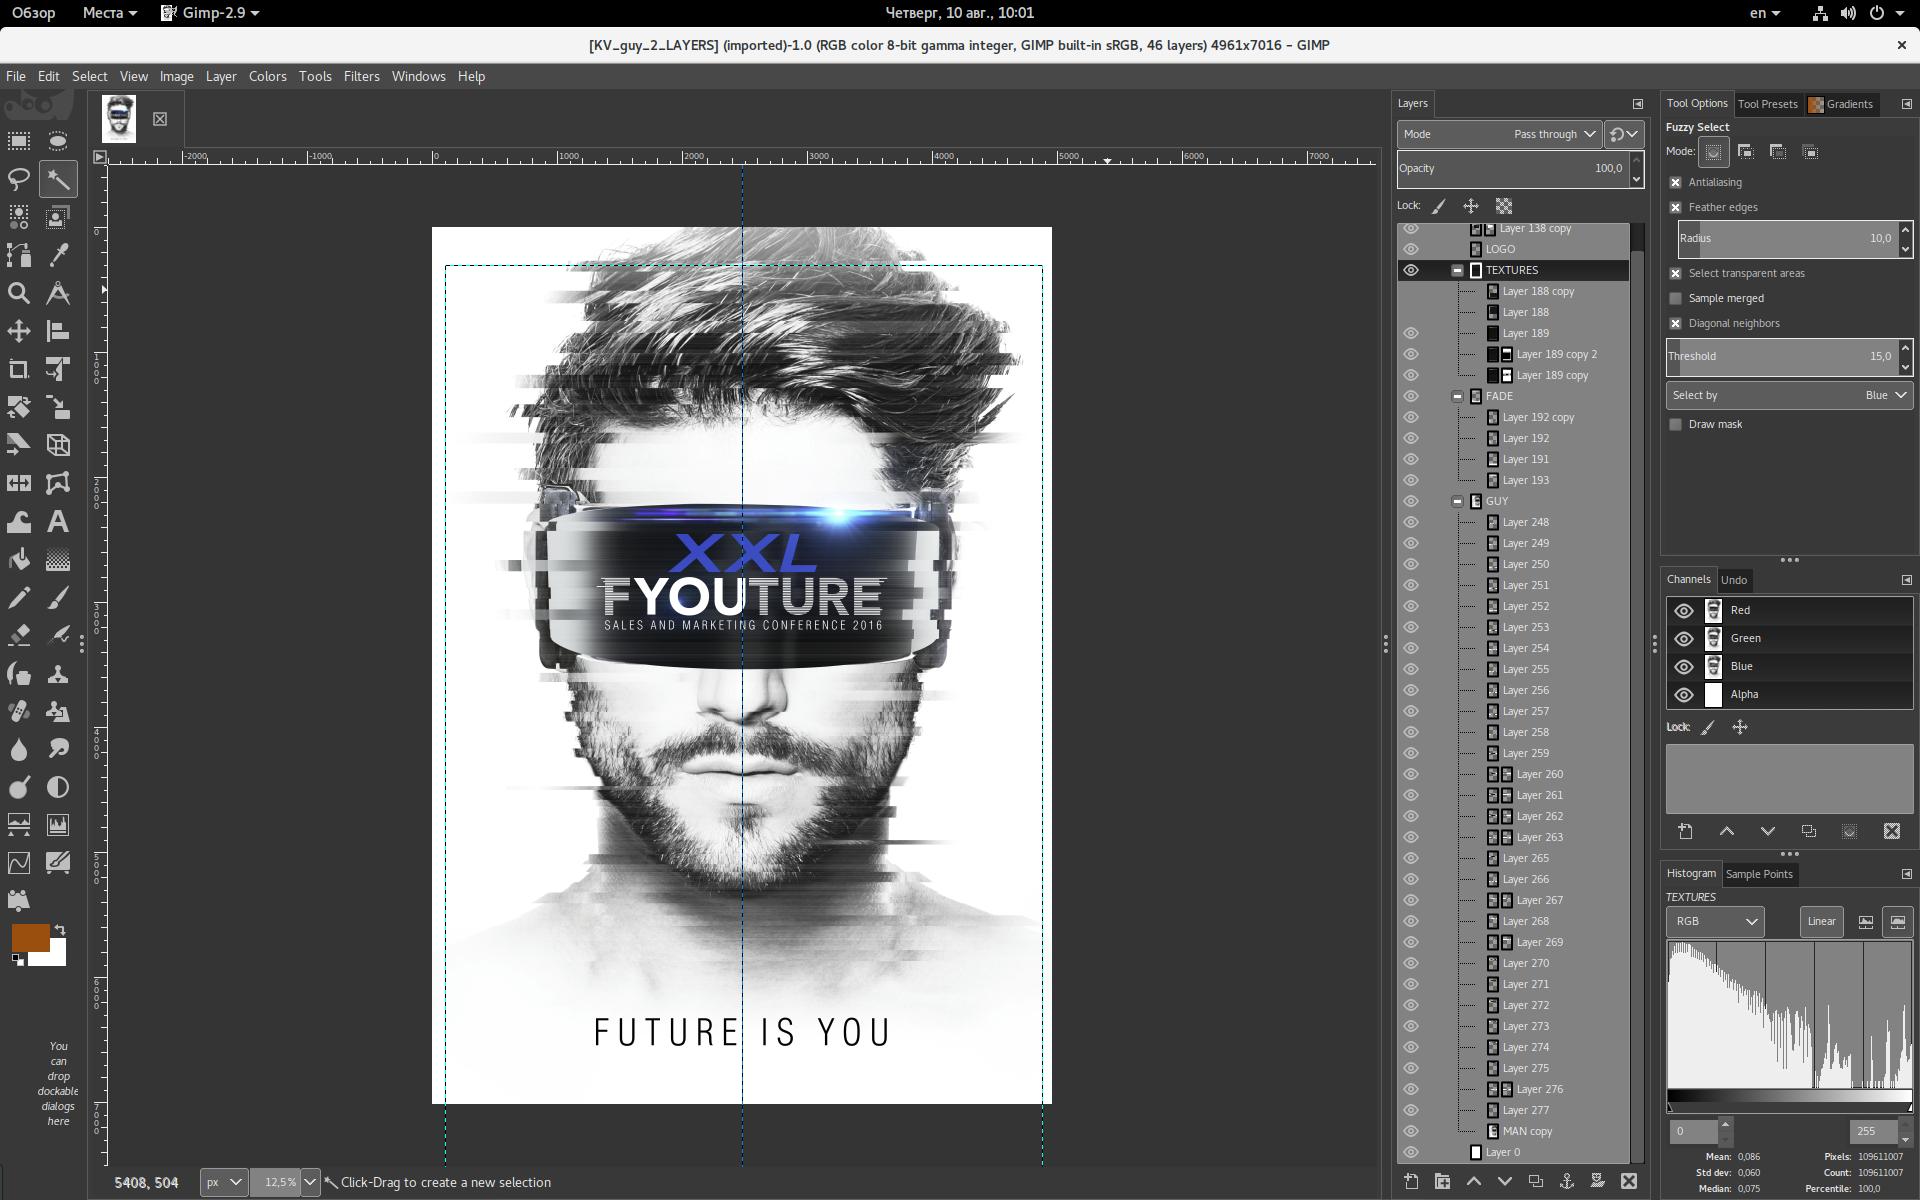 gimp phần mềm chỉnh sửa ảnh đẹp lung linh